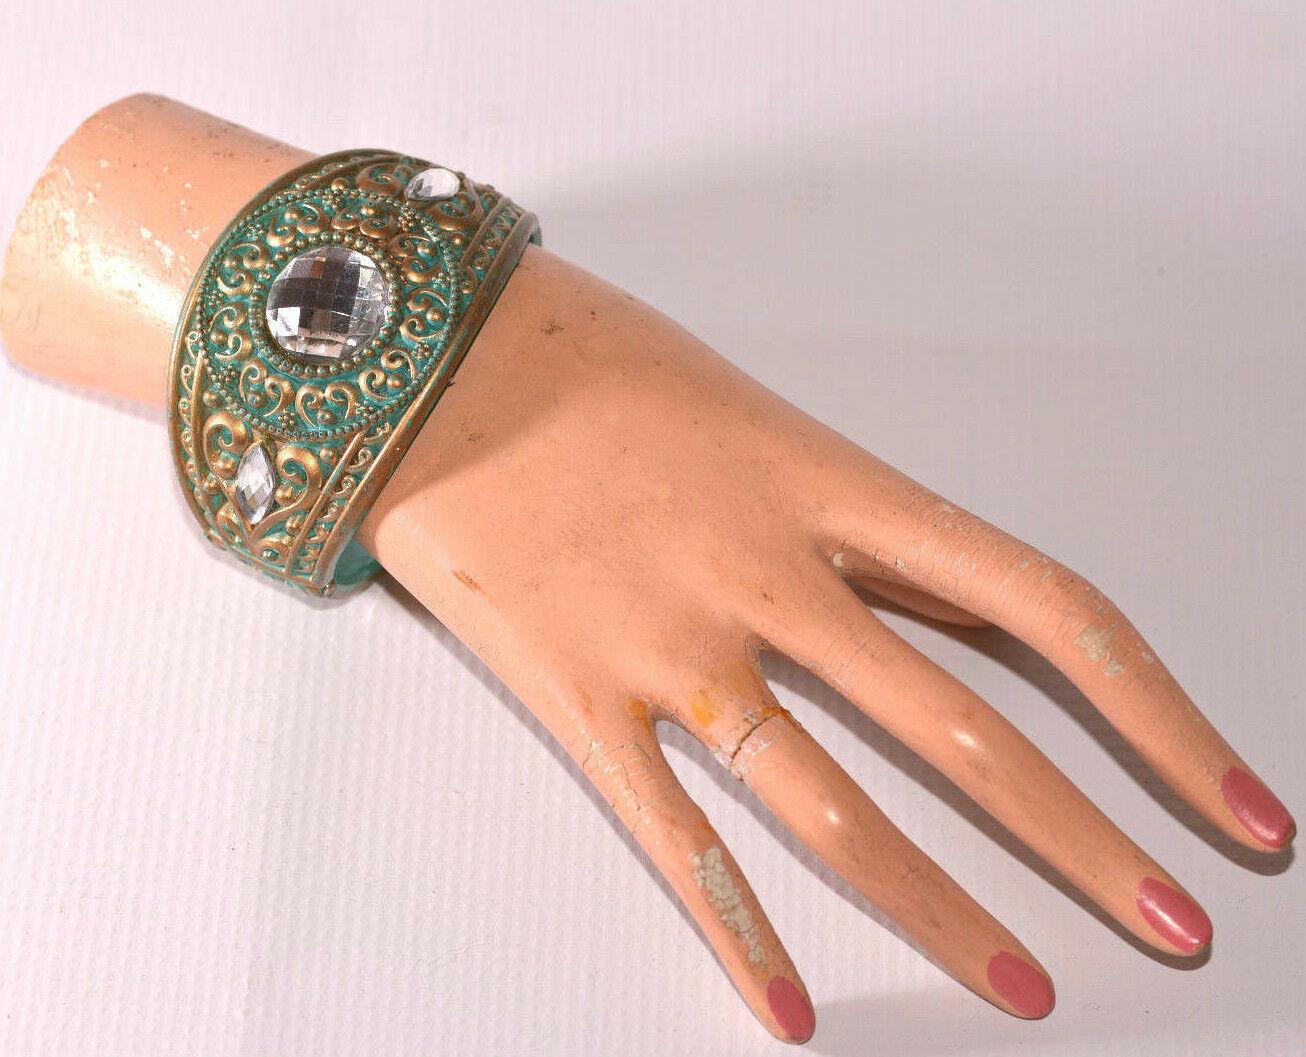 vintage wide plastic bangle bracelet with large rhinestone cabochon cab